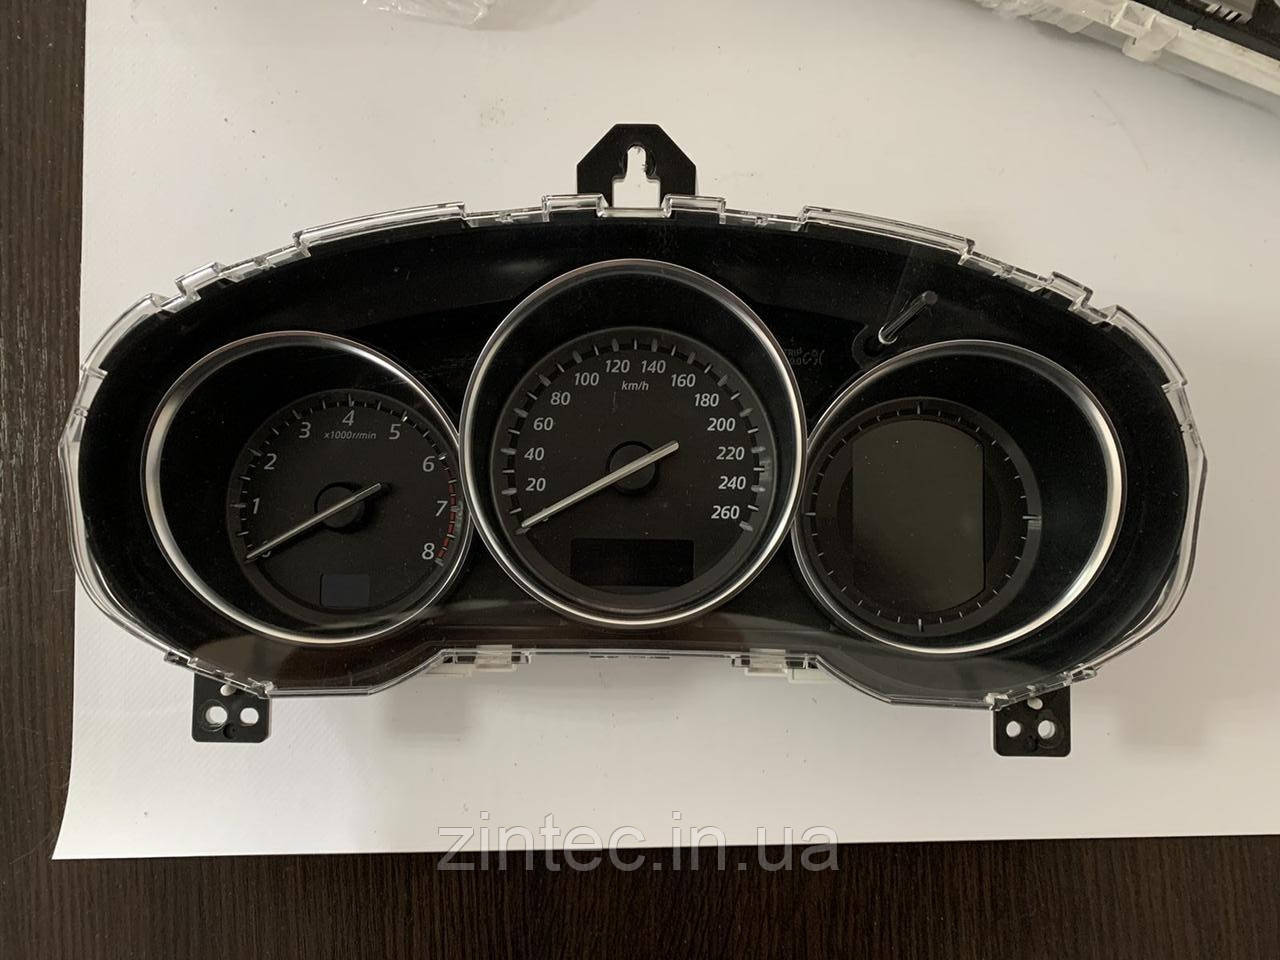 Панель приборов Mazda CX-5 2013 - 2016 Год  KD 45 55 430